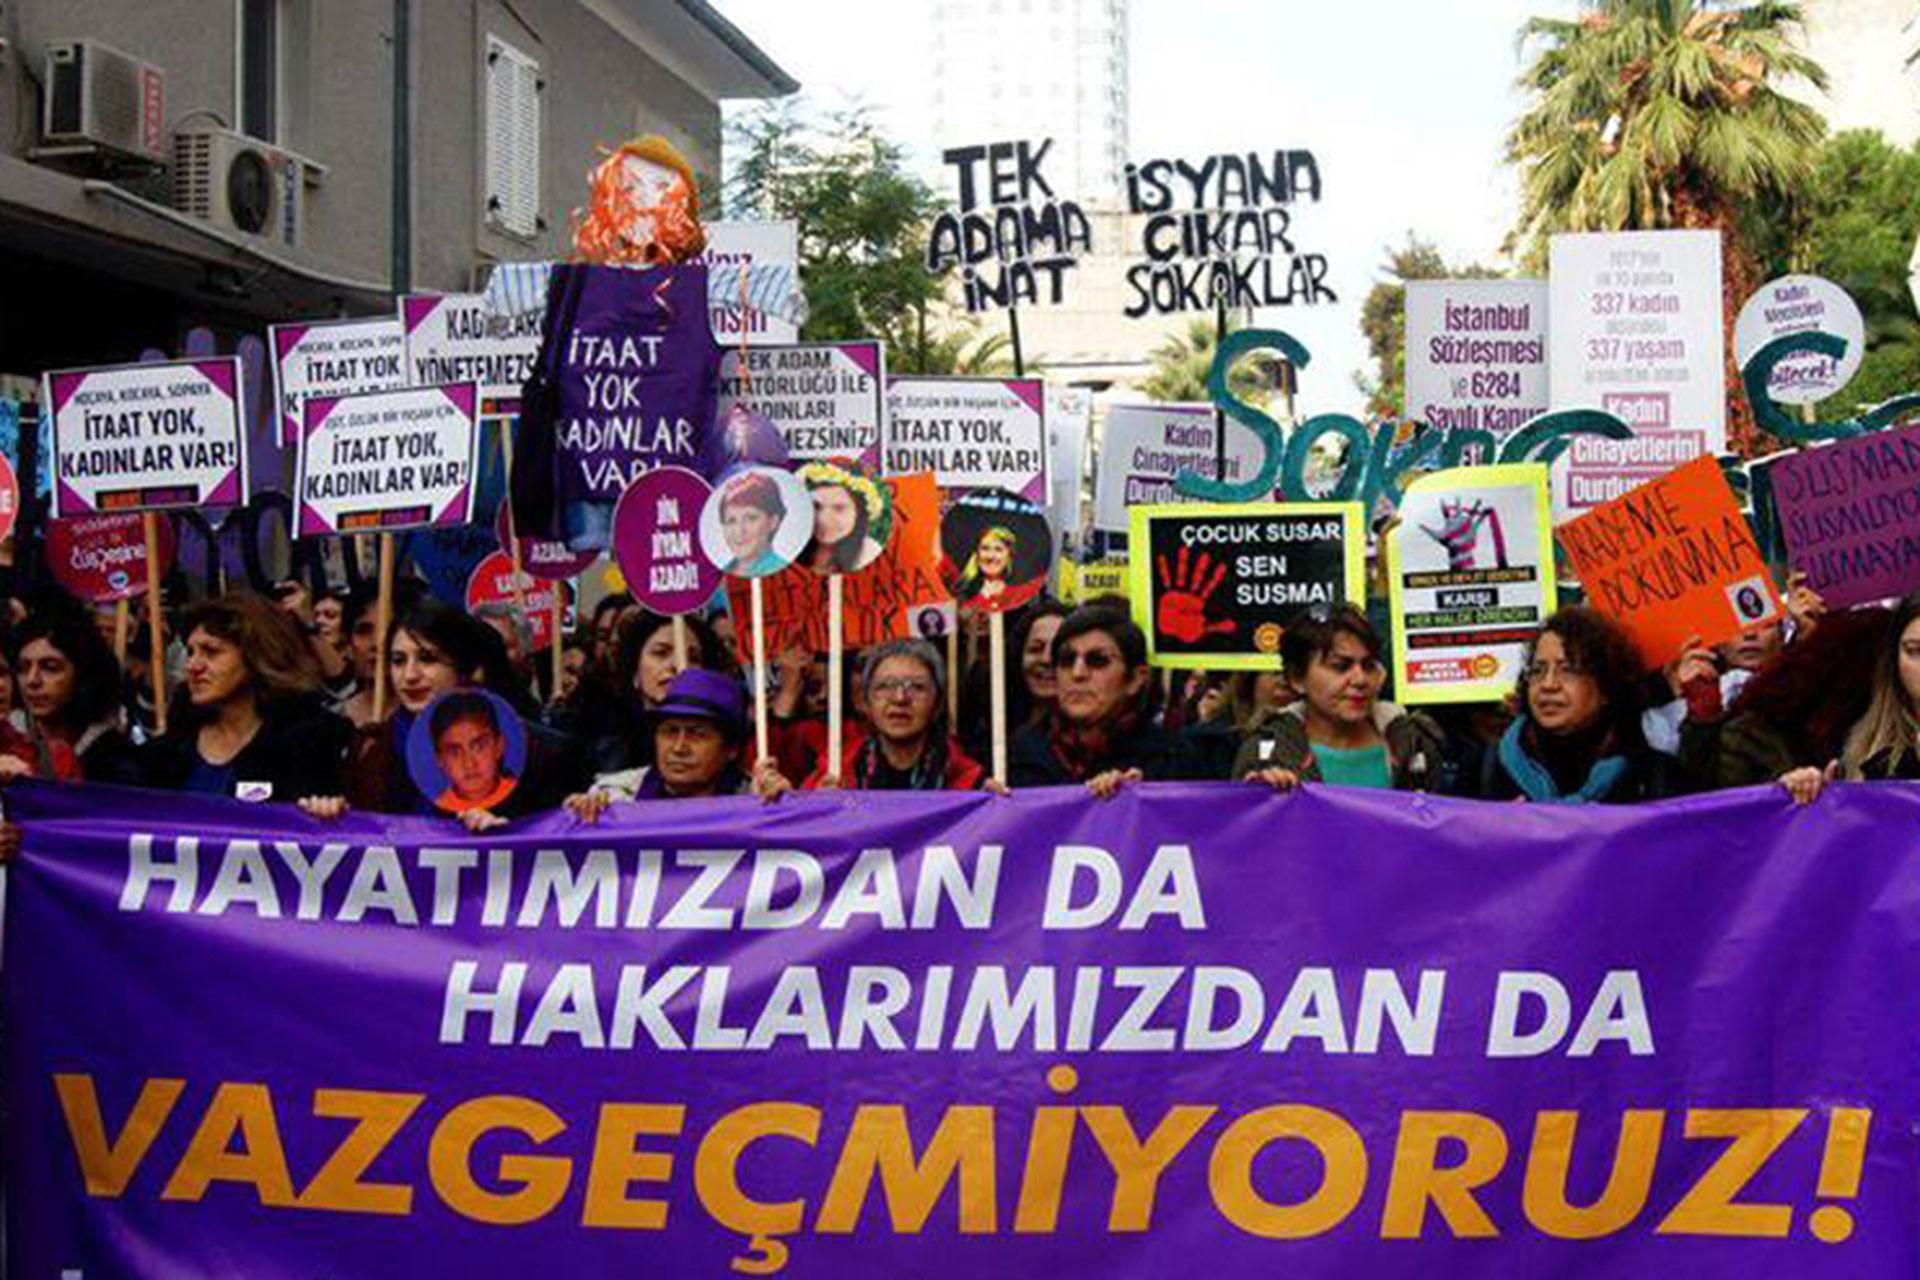 Kadın örgütleri: Yargı reformu bahanesiyle haklarımızın gasbedilmesine izin vermeyiz